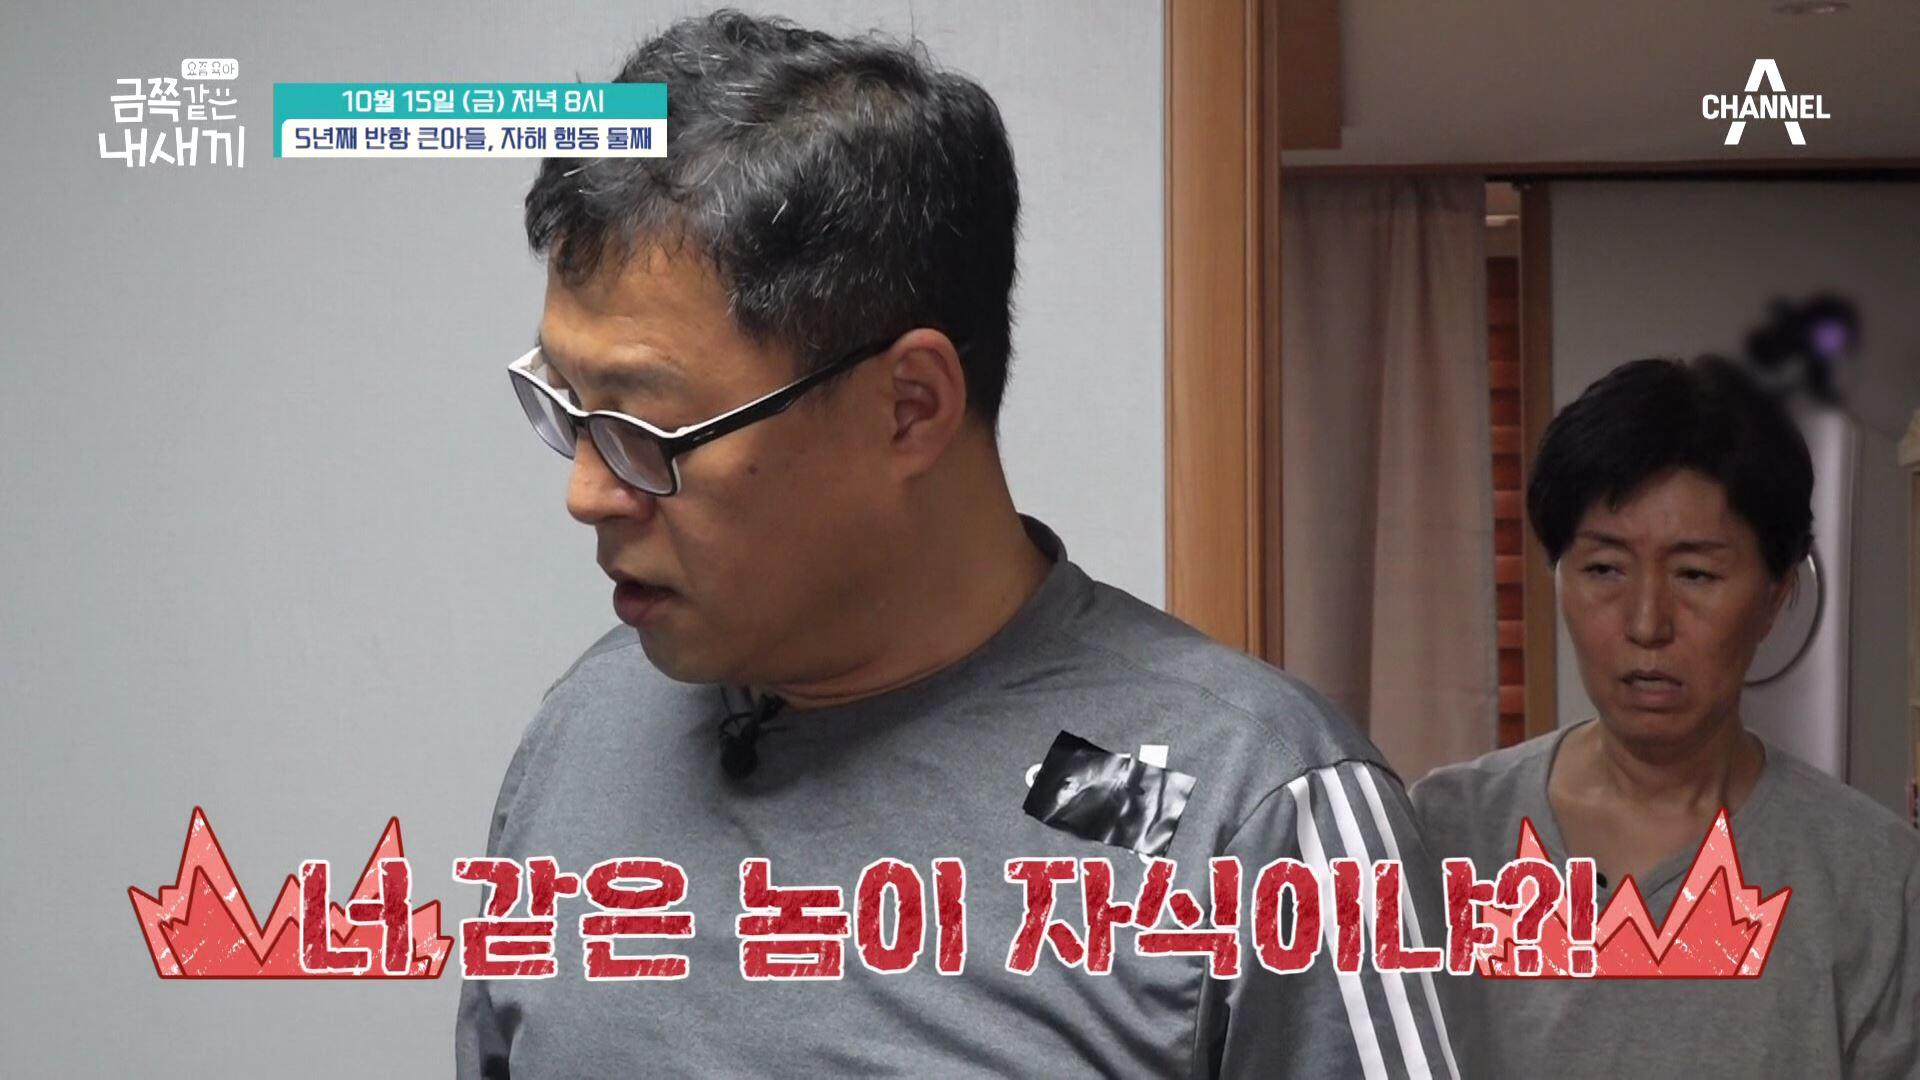 [선공개] 첫째에게는 묵묵부답(?) 금쪽이네 부자는 무슨 일이 있었던 걸까?